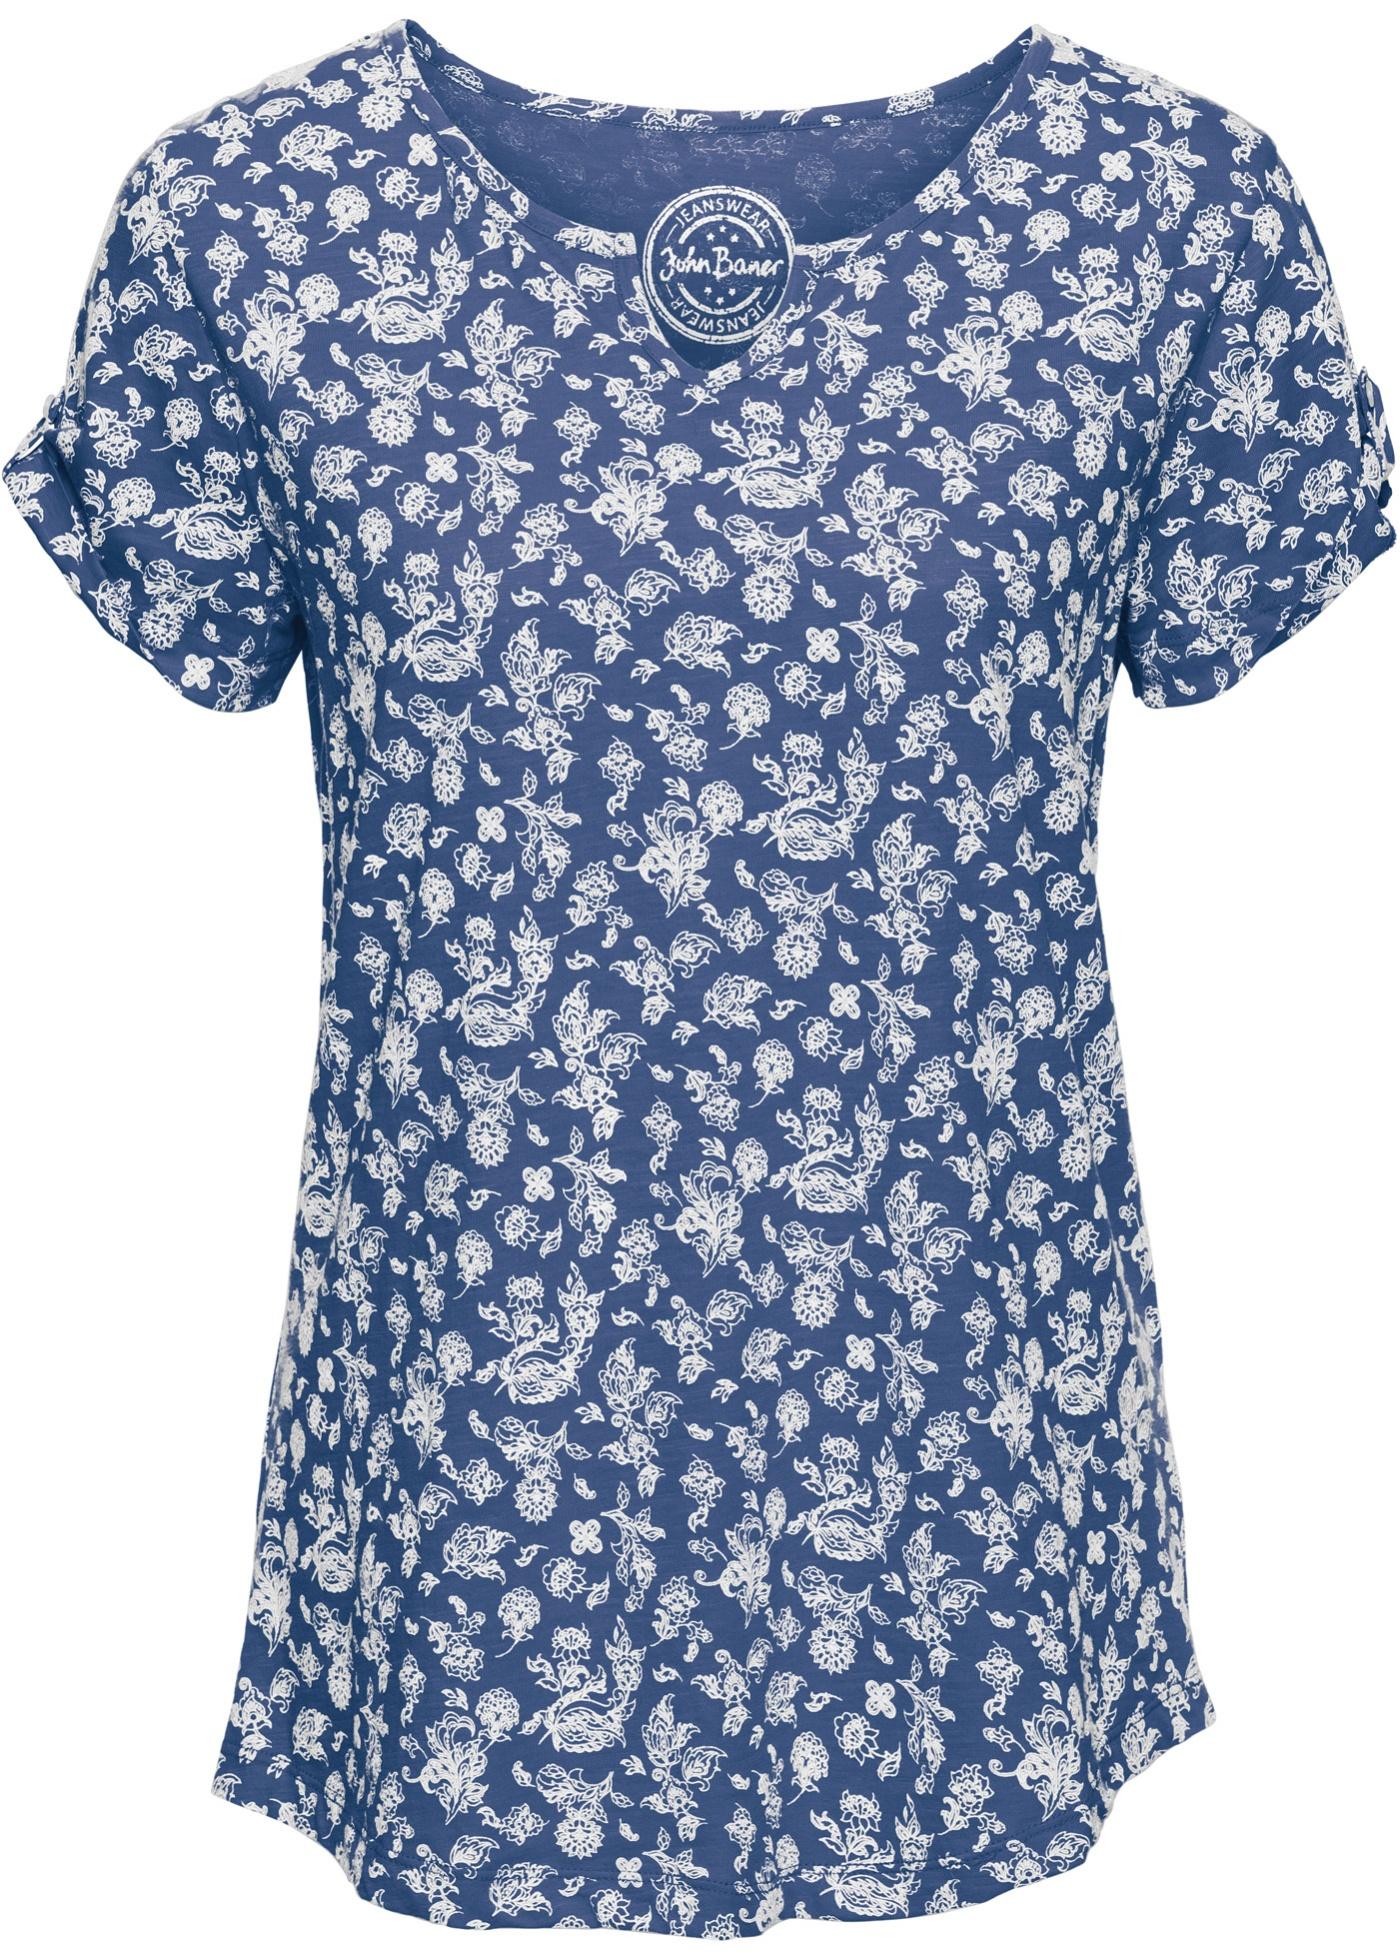 John Imprimé À Courtes Pour shirt BonprixT Manches Baner Femme Coton Bleu Jeanswear 1clFJ5uTK3